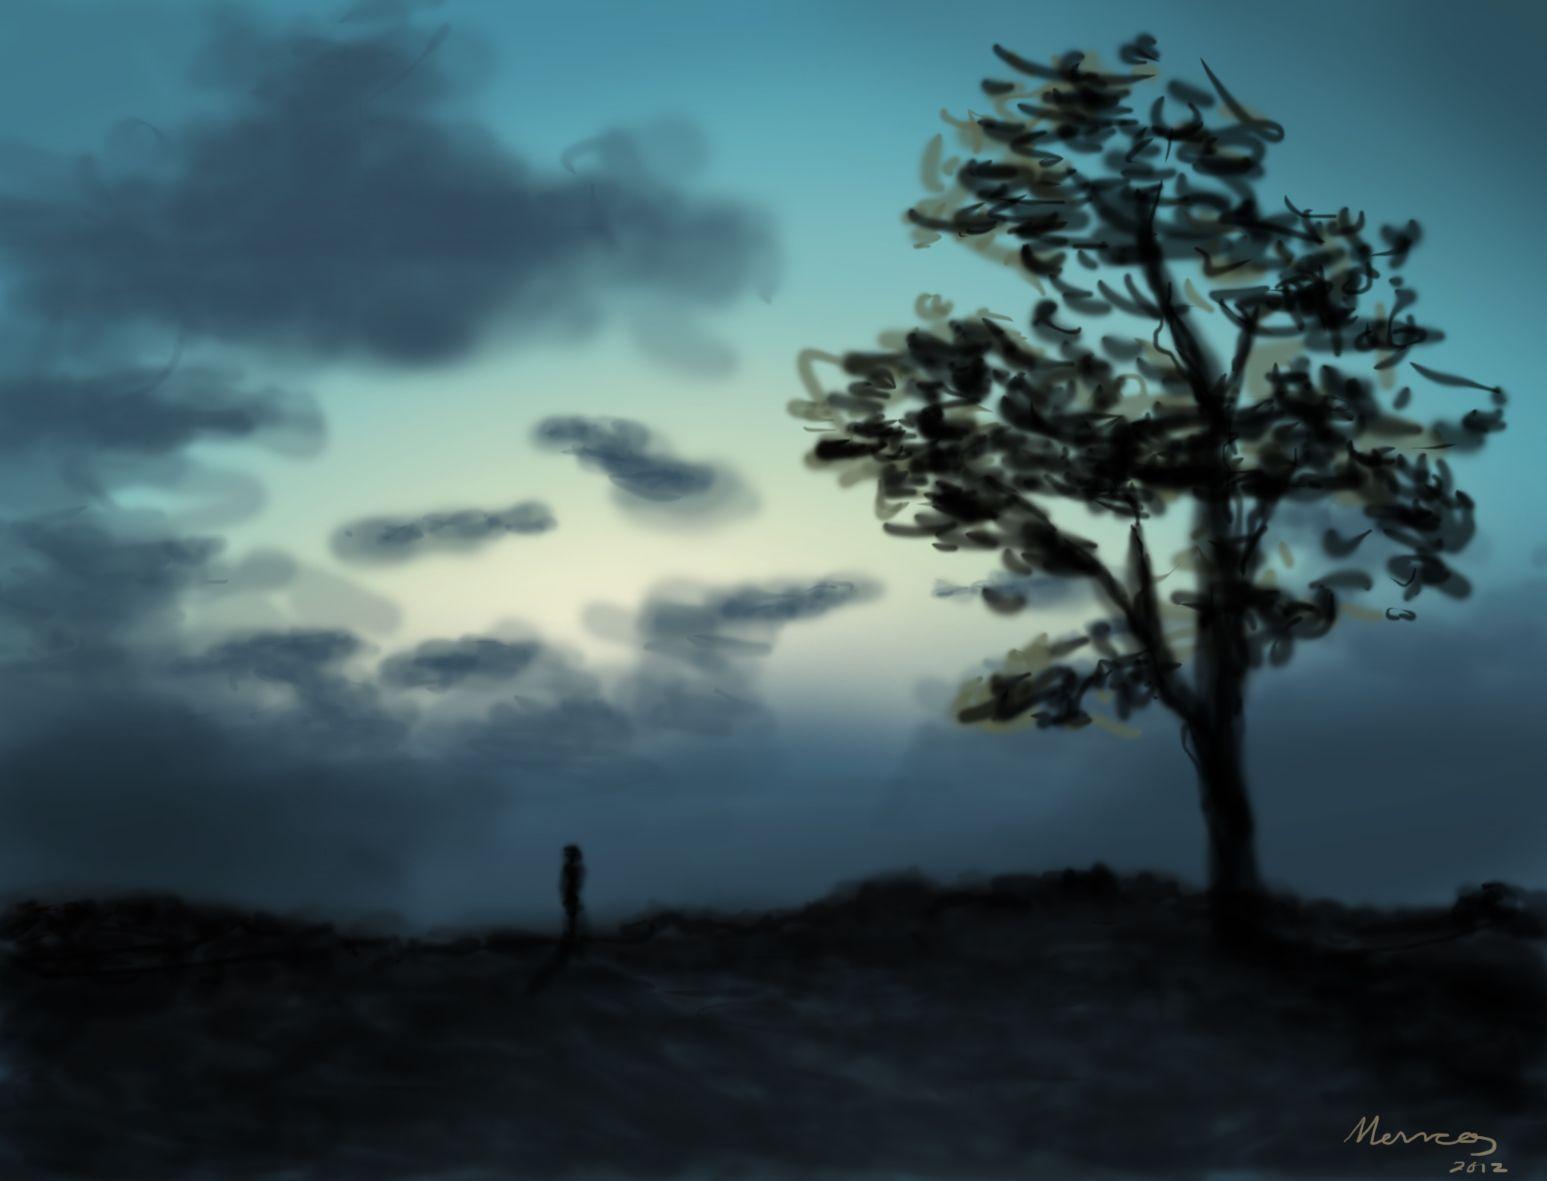 autorretrato con cielo nublado y árbol   Cielo nublado, Nublado,  Autorretratos